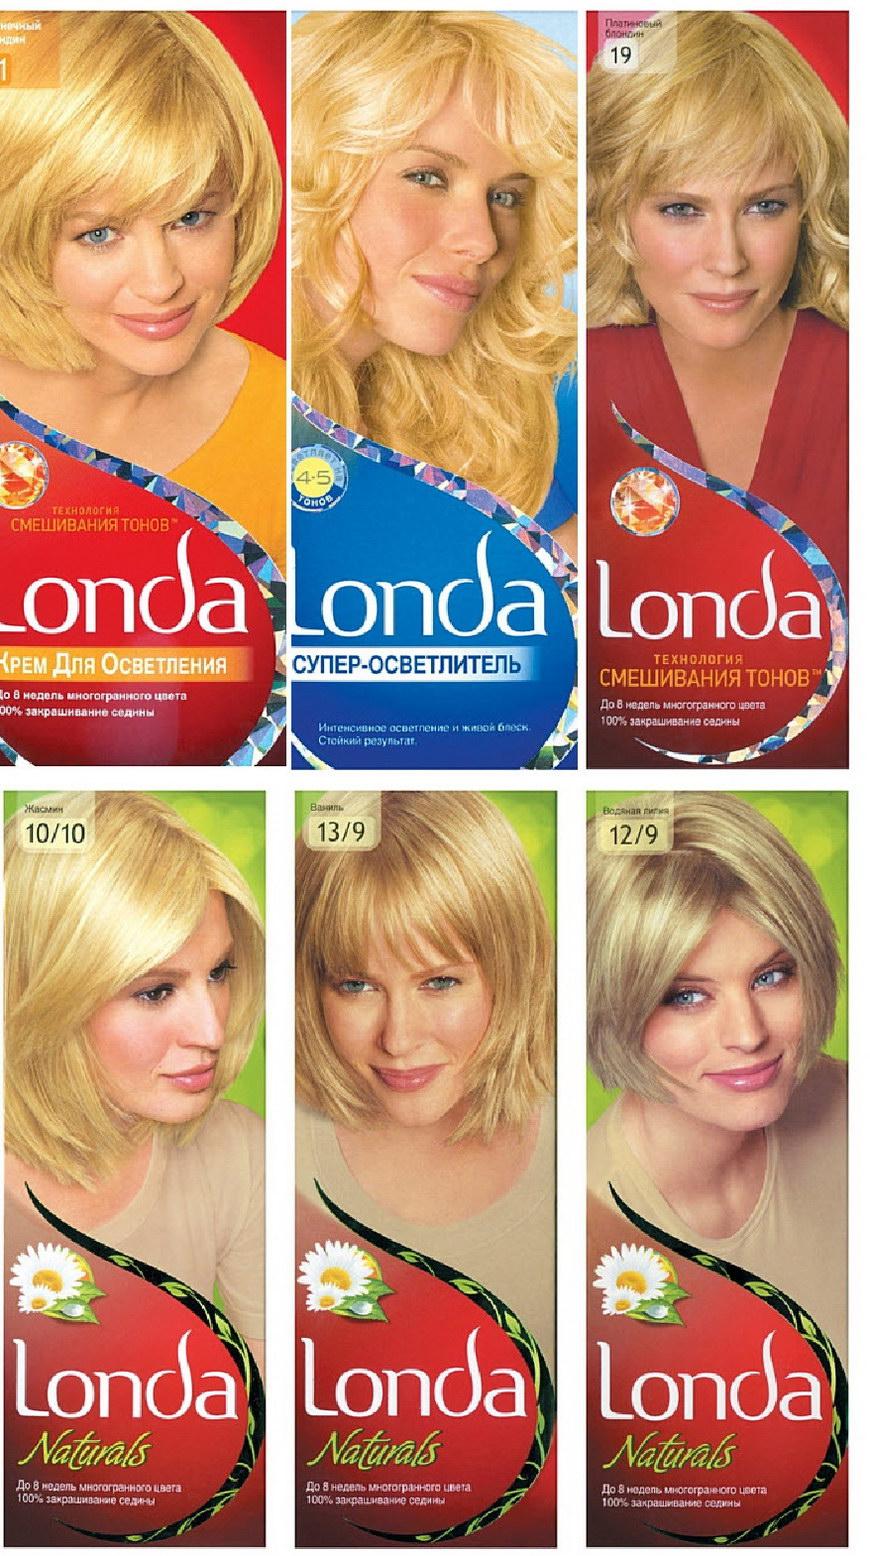 Лонда колор цвета для седых волос